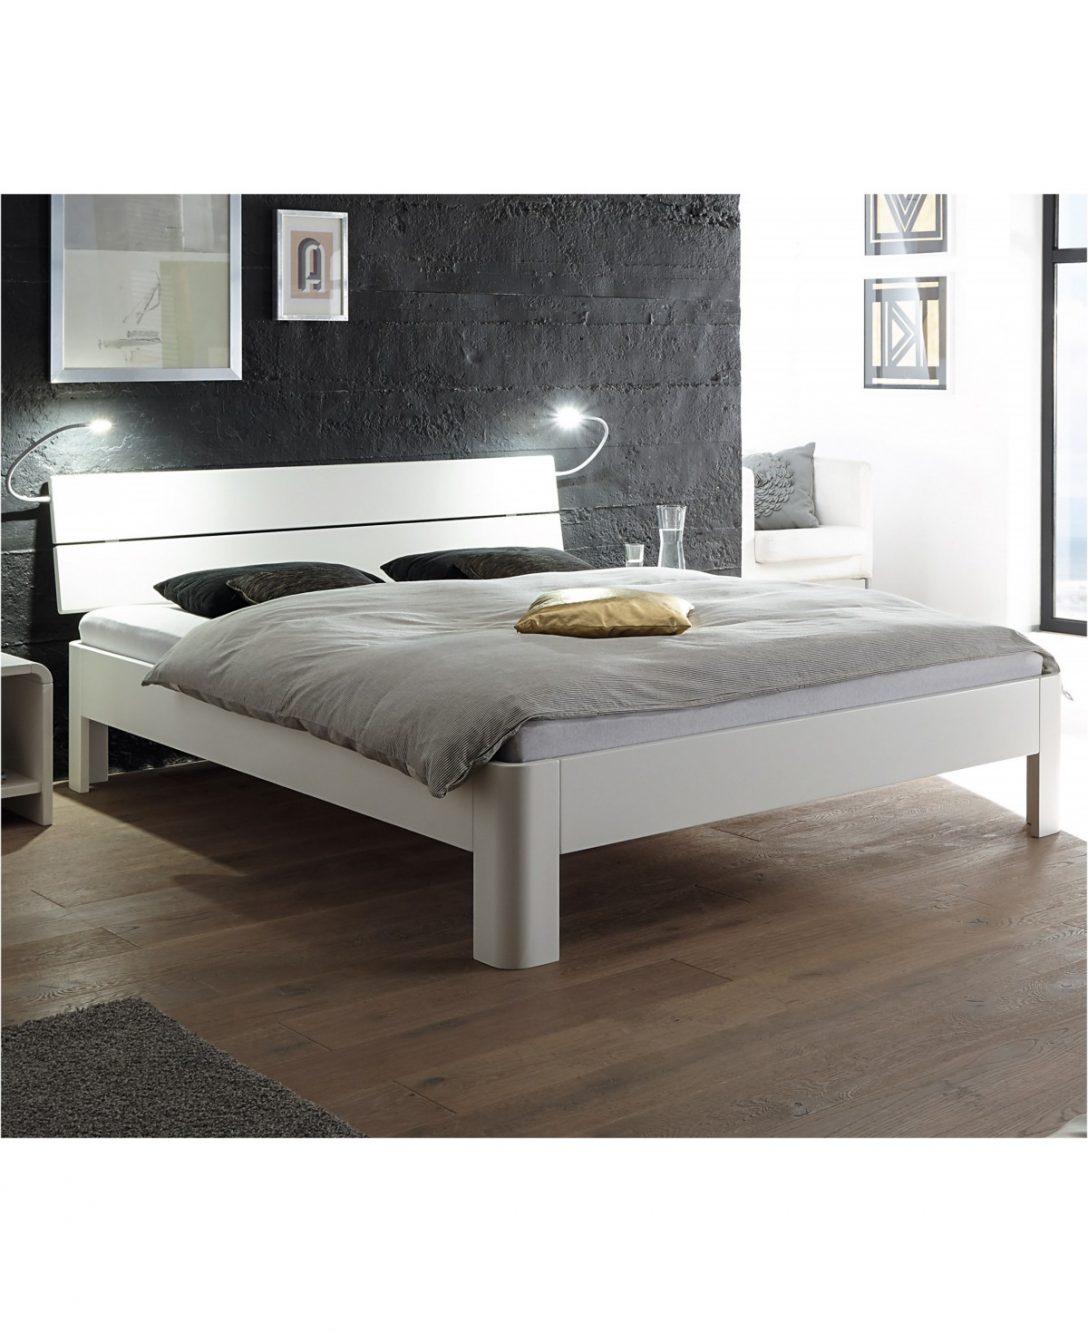 Large Size of Weiße Betten Japanische Köln Günstig Kaufen 180x200 Treca Günstige 140x200 Billerbeck Schöne Dico Weißes Bett Mit Aufbewahrung Innocent Massiv Bett Weiße Betten